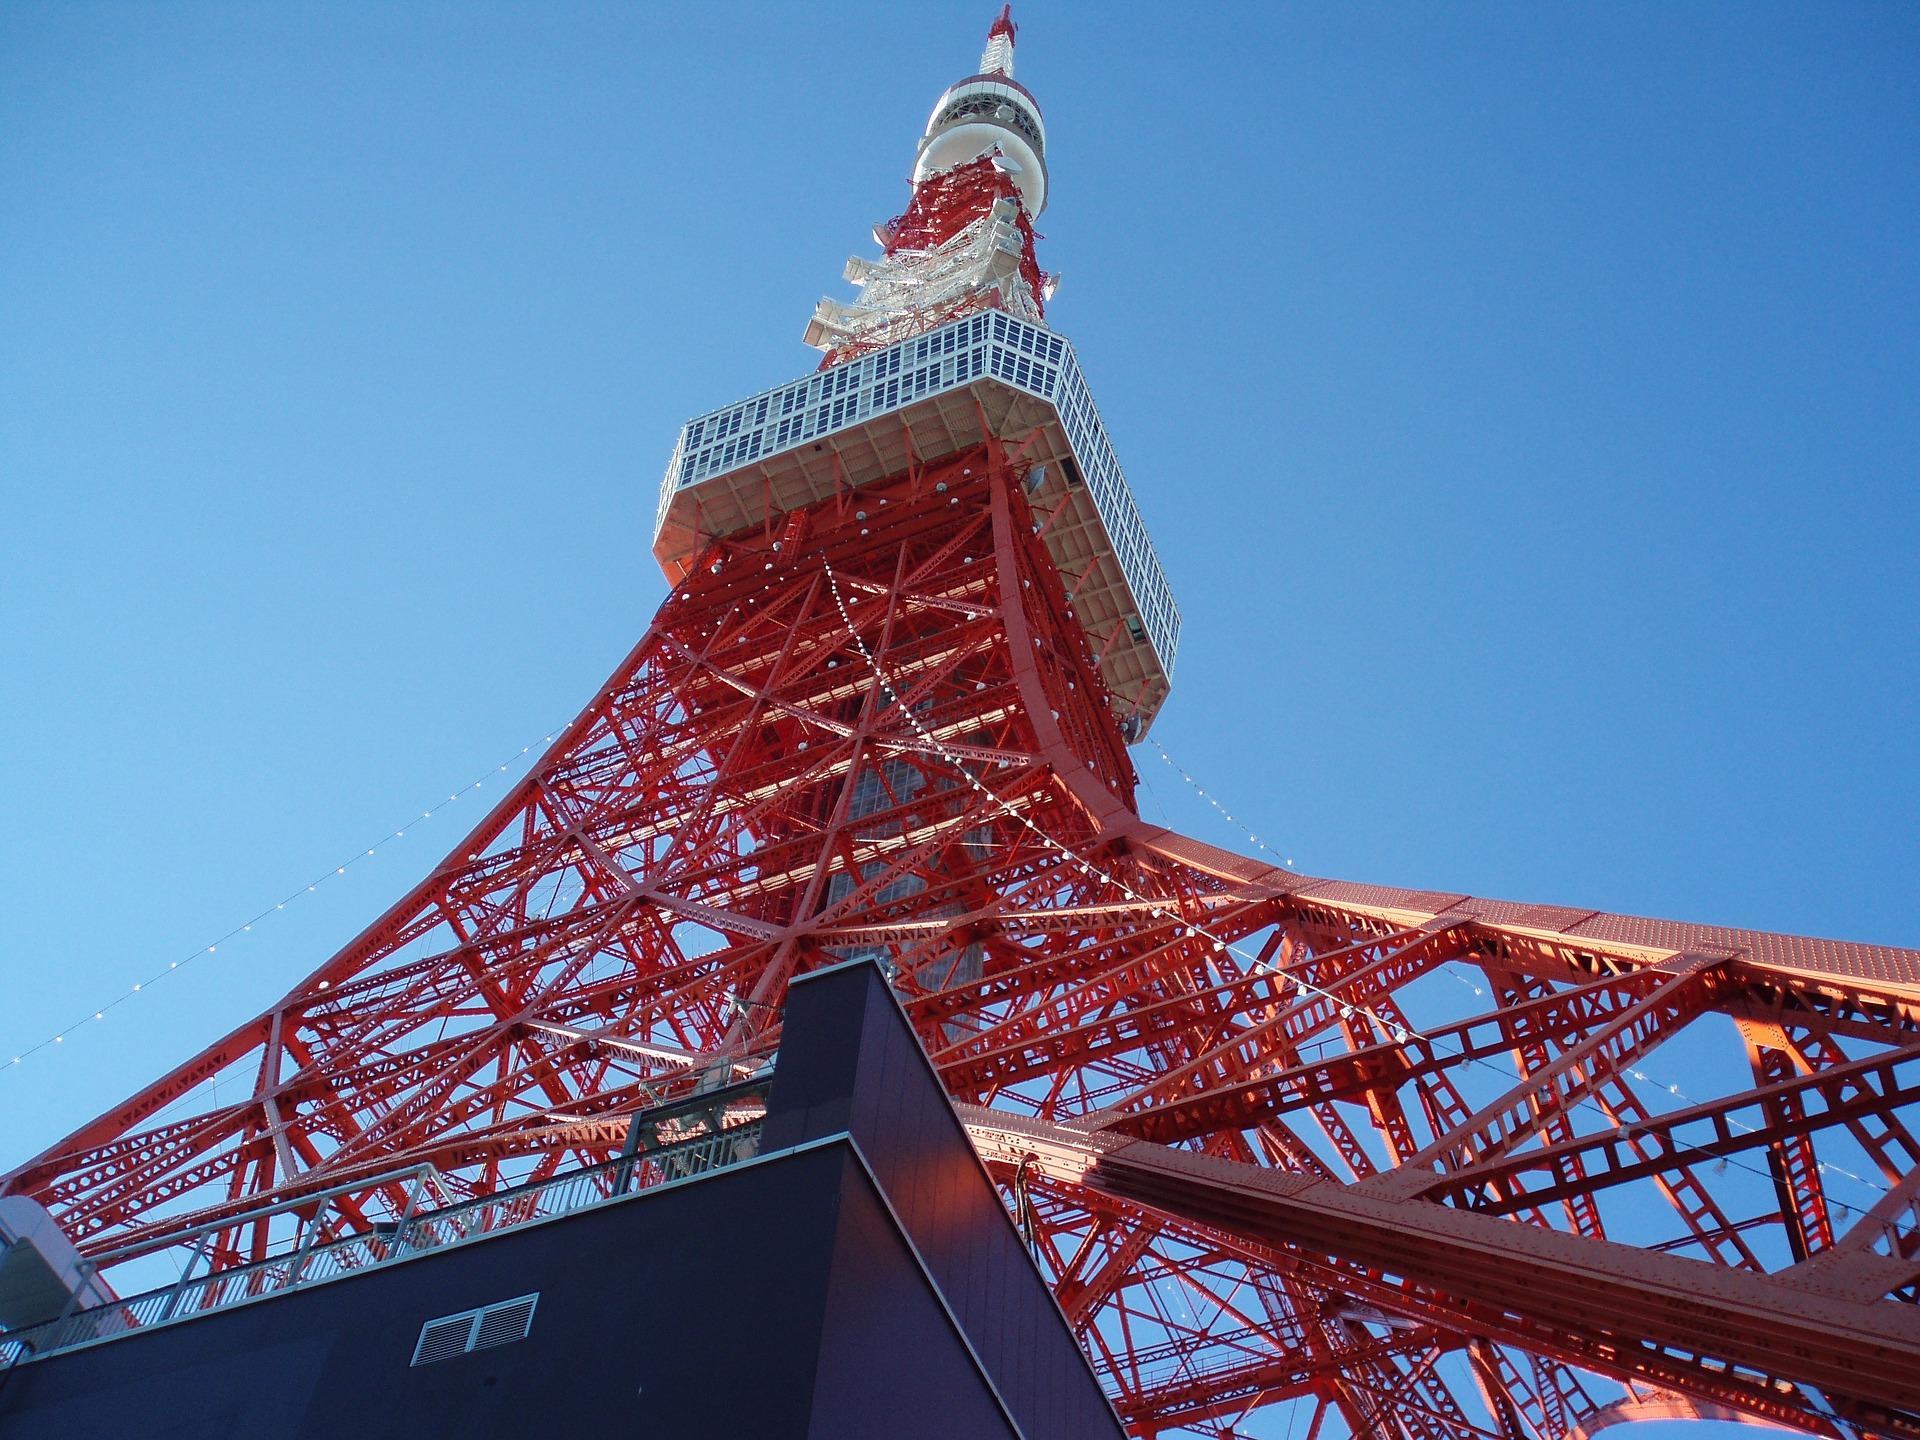 tokyo-tower-1076043_1920.jpg